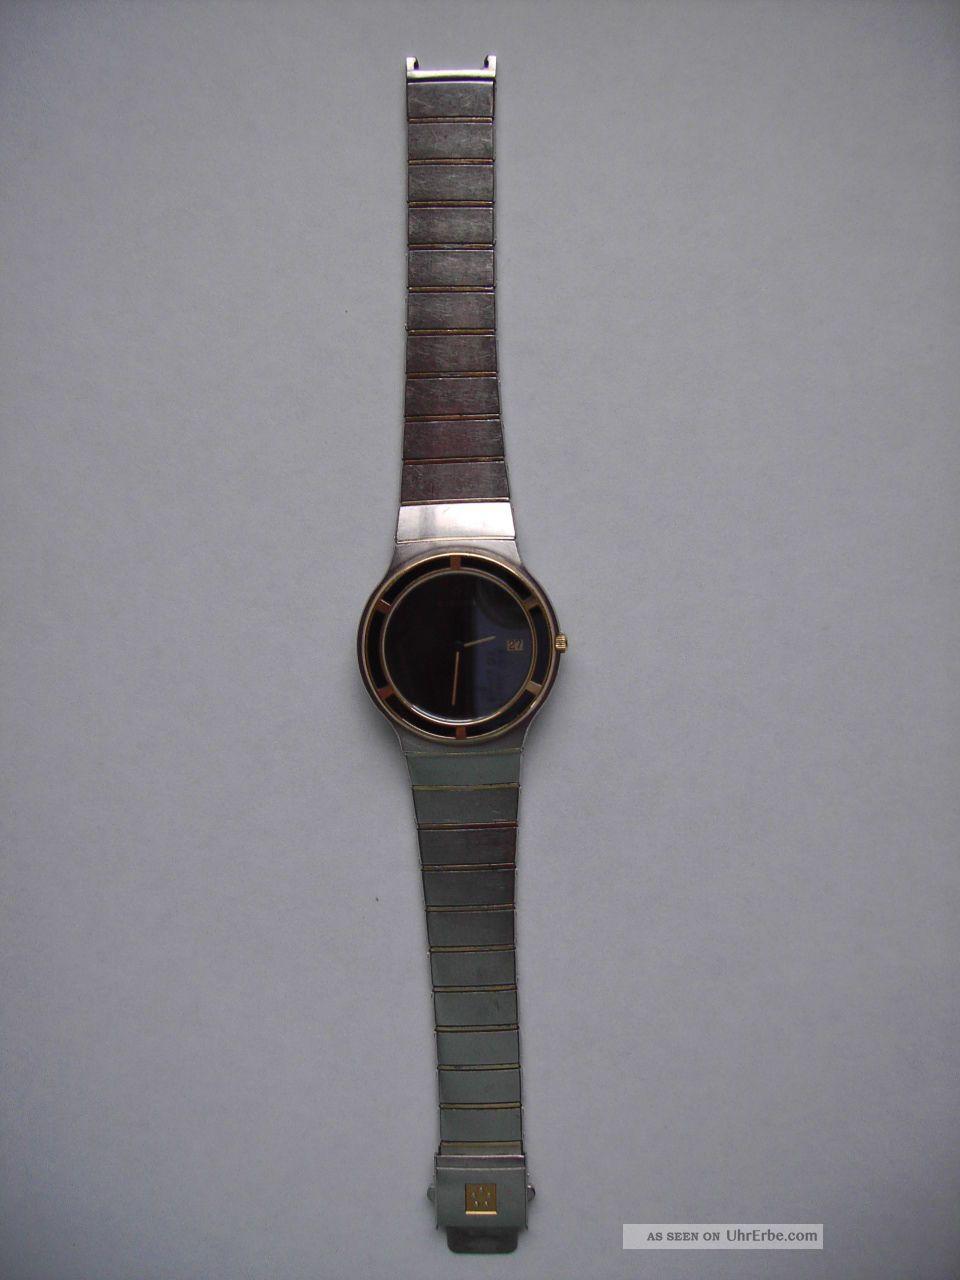 Exclusive Herren - Armbanduhr,  Eterna Galaxy,  Edelstahl Armbanduhren Bild